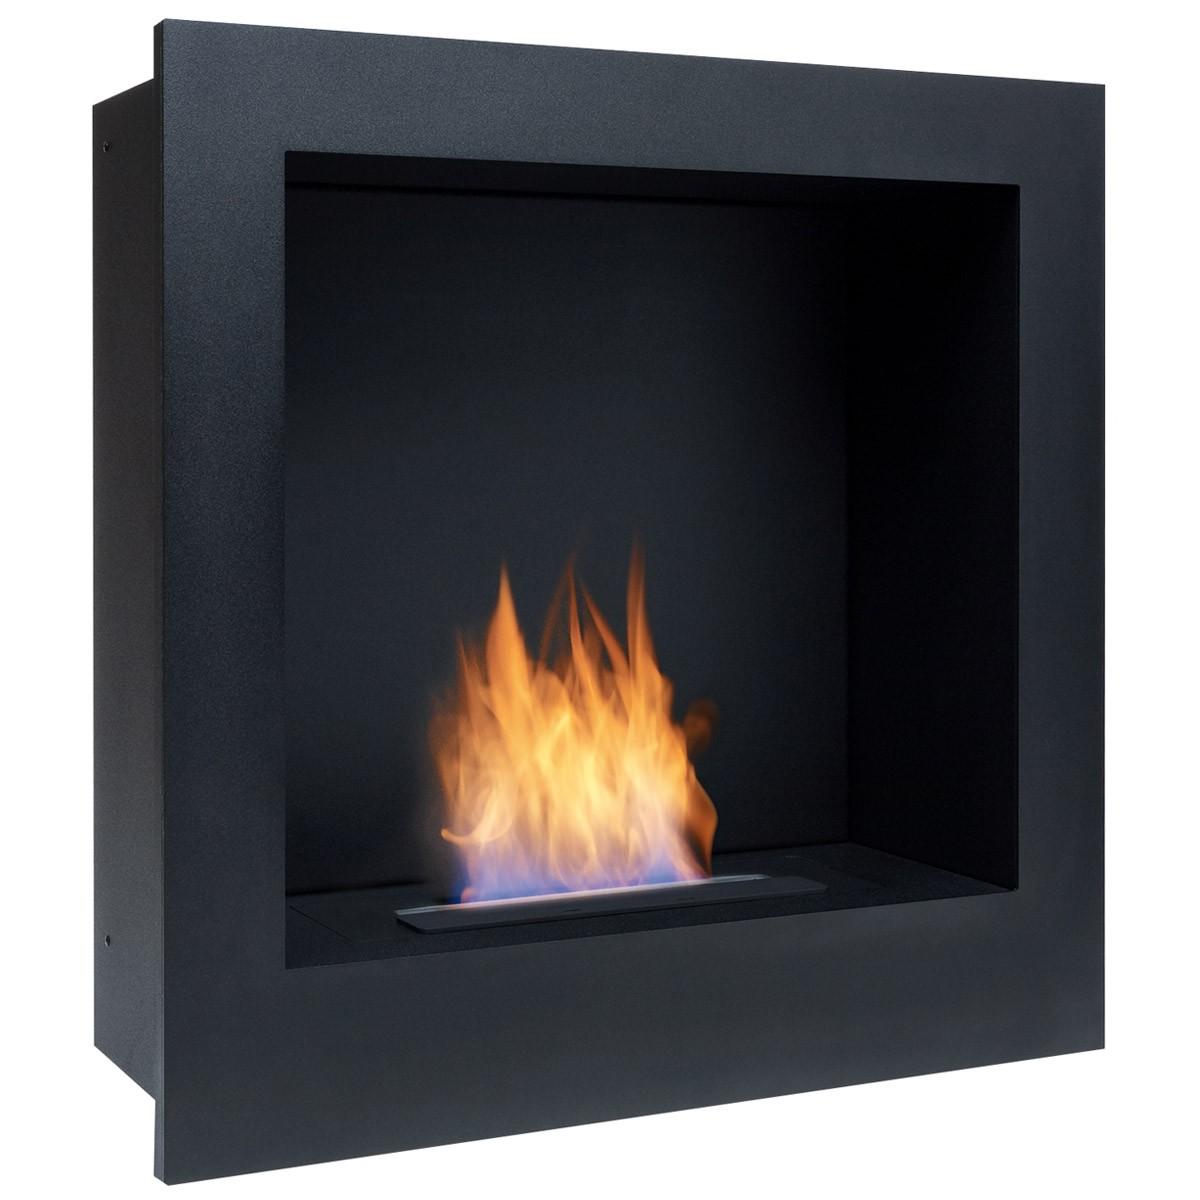 safretti kamineinsatz nemo fb schwarz f r ethanol feuer. Black Bedroom Furniture Sets. Home Design Ideas